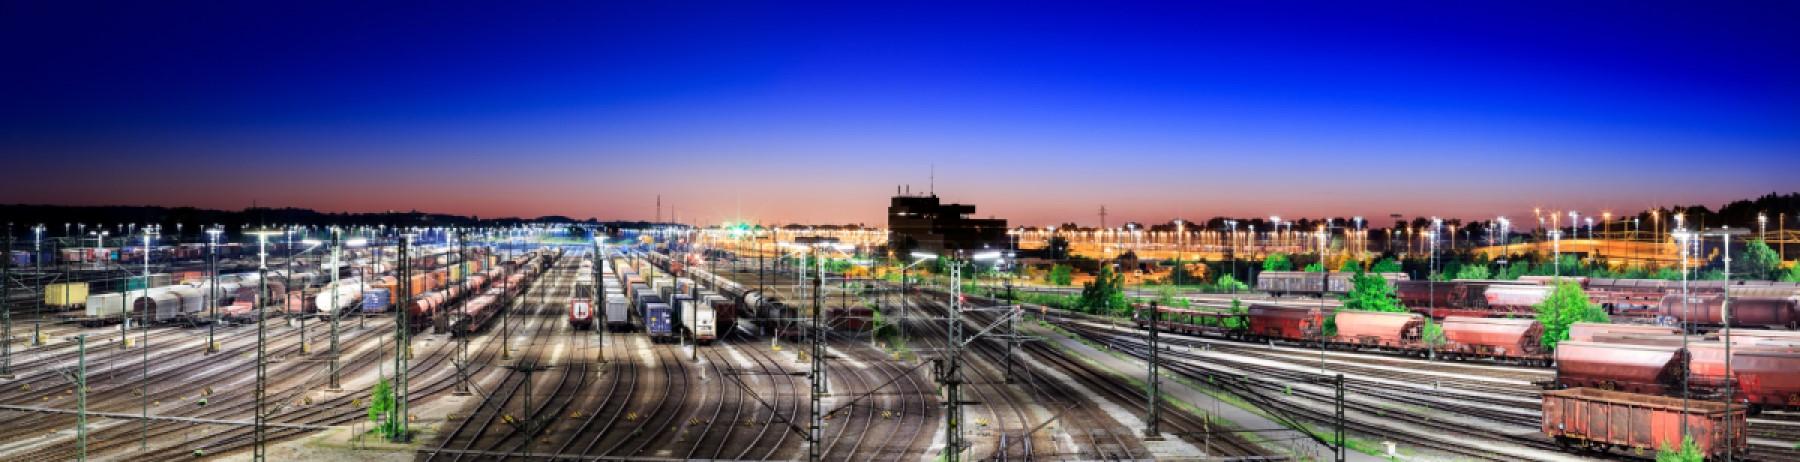 Zugbewachung: Schutz auf dem Abstellgleis